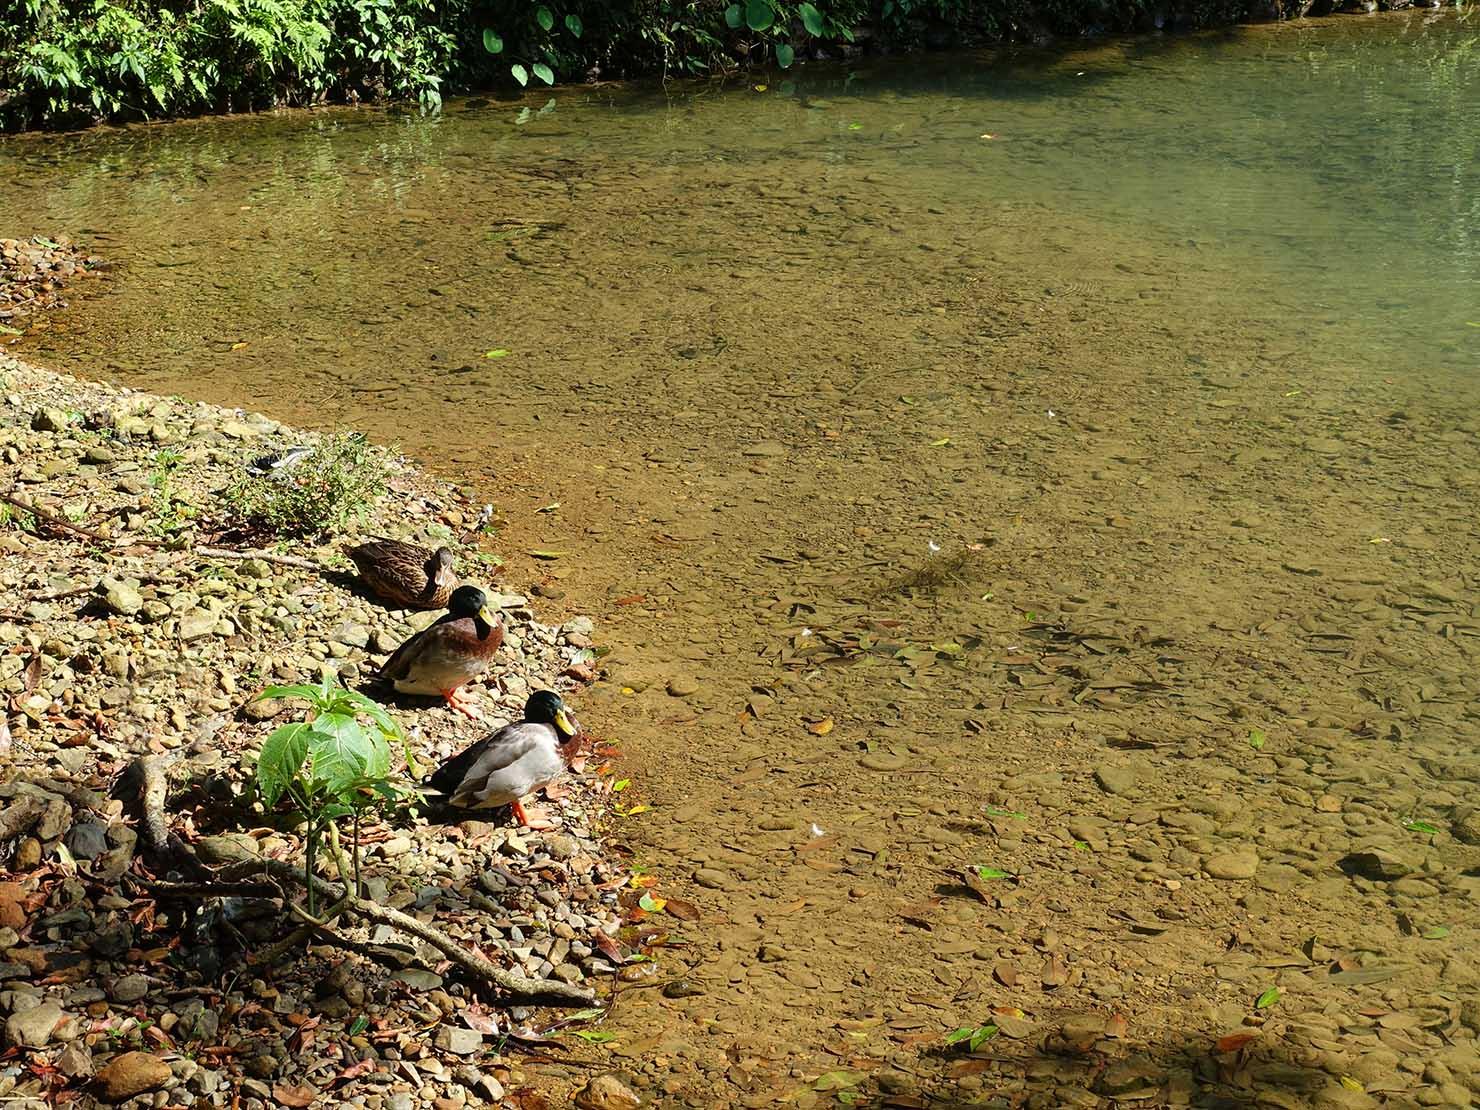 台北・烏來温泉から行けるテーマパーク「雲仙樂園」園内に暮らす鴨の一家